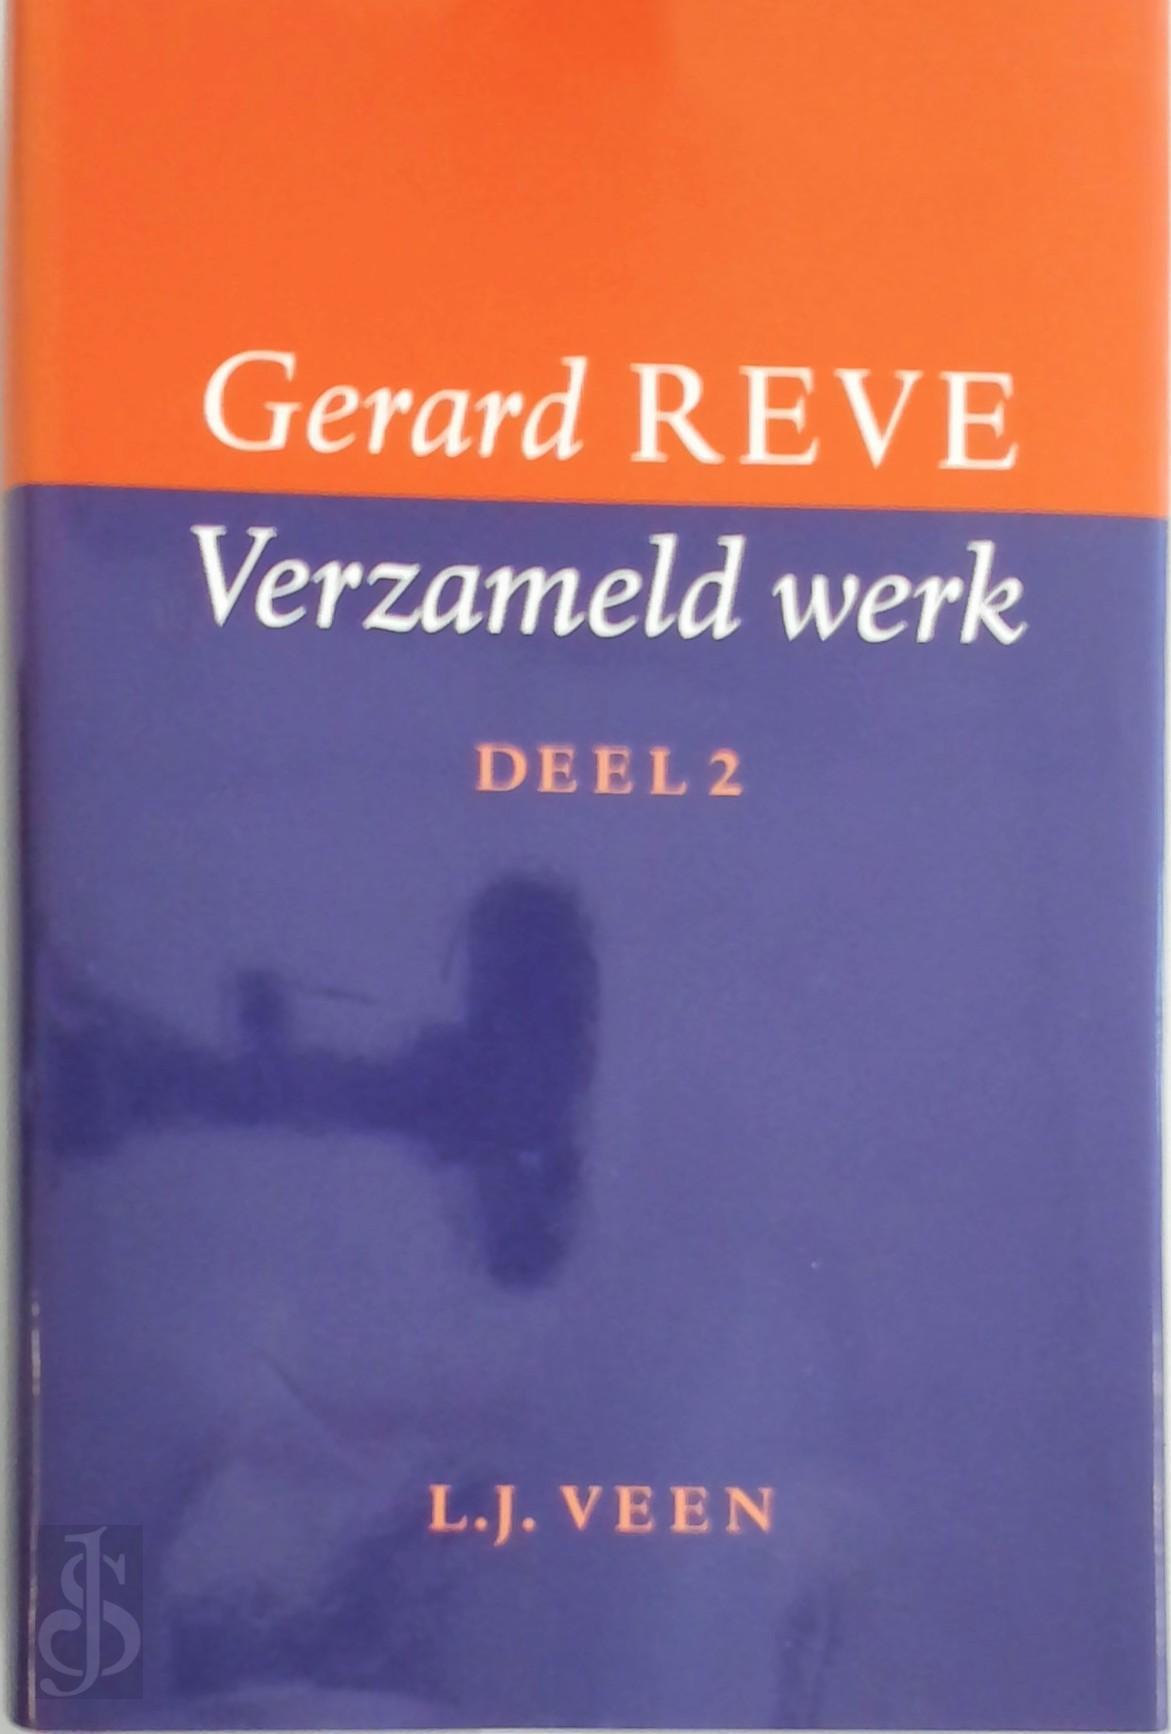 Gerard Reve - Verzameld werk  bevat: Op weg naar het einde . Brief aan mijn bank . Nader tot U . Vier pleidooien . De taal der liefde . Lieve jongens . Het zingend hart